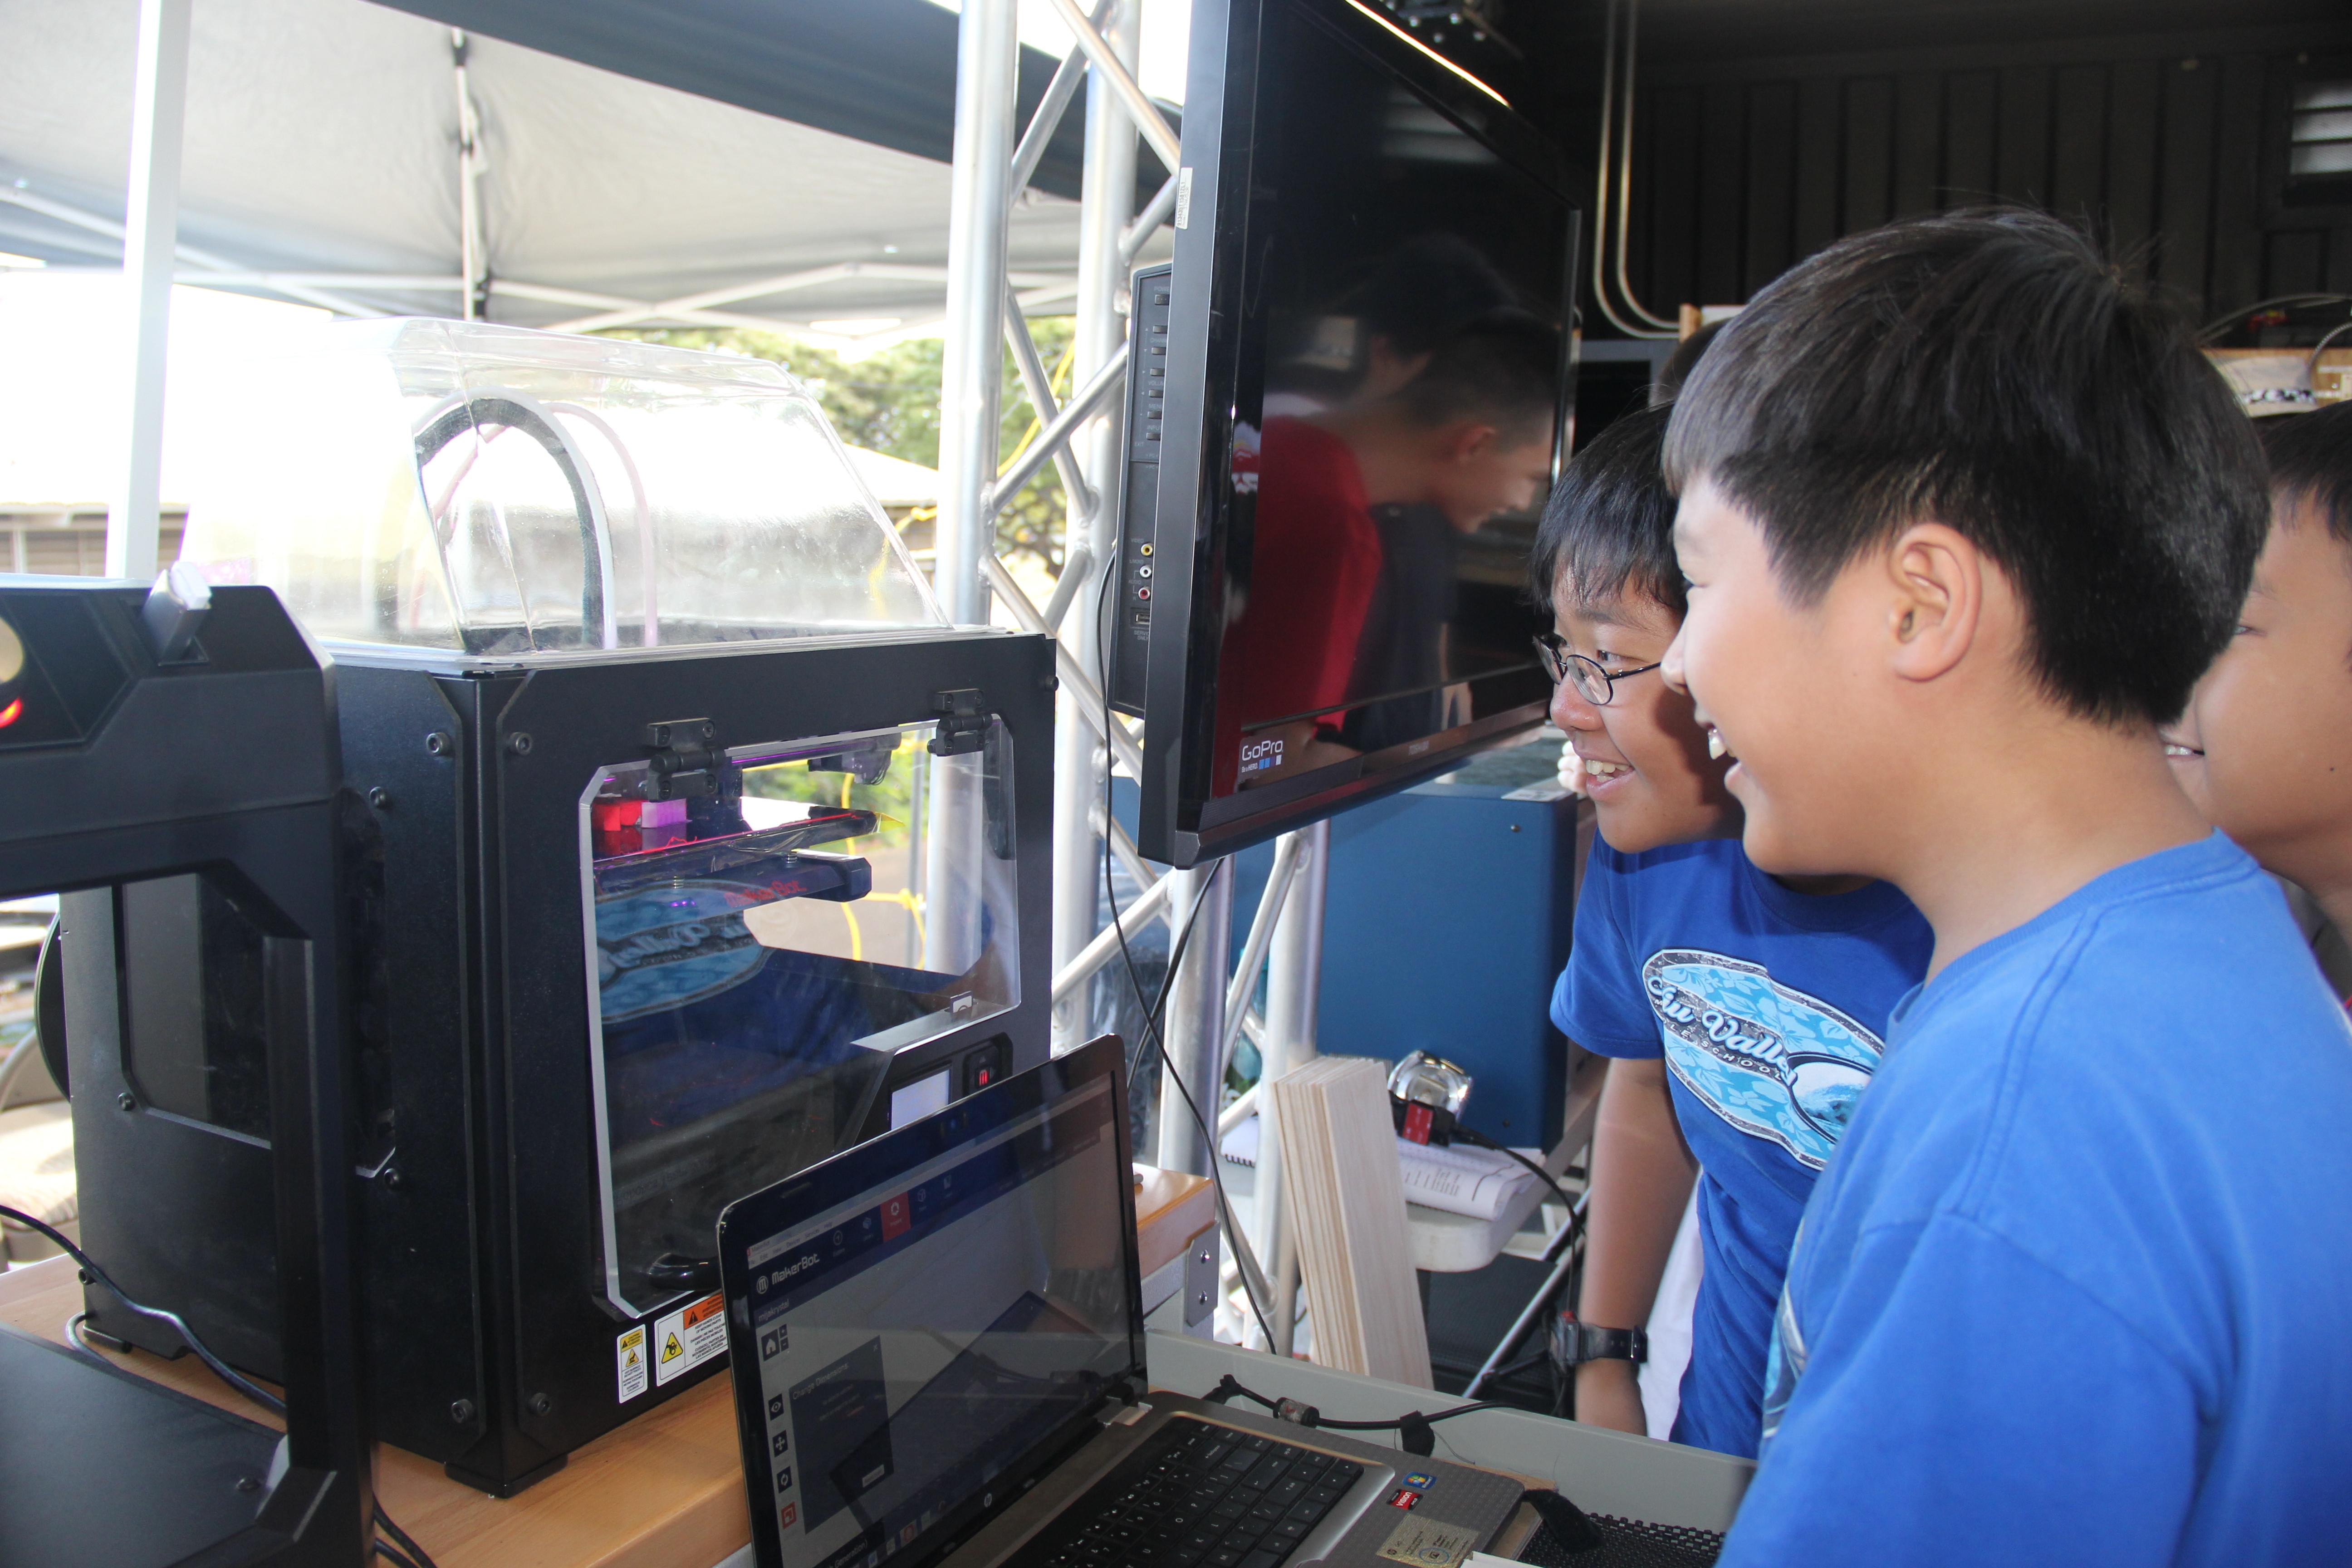 Maker Academy